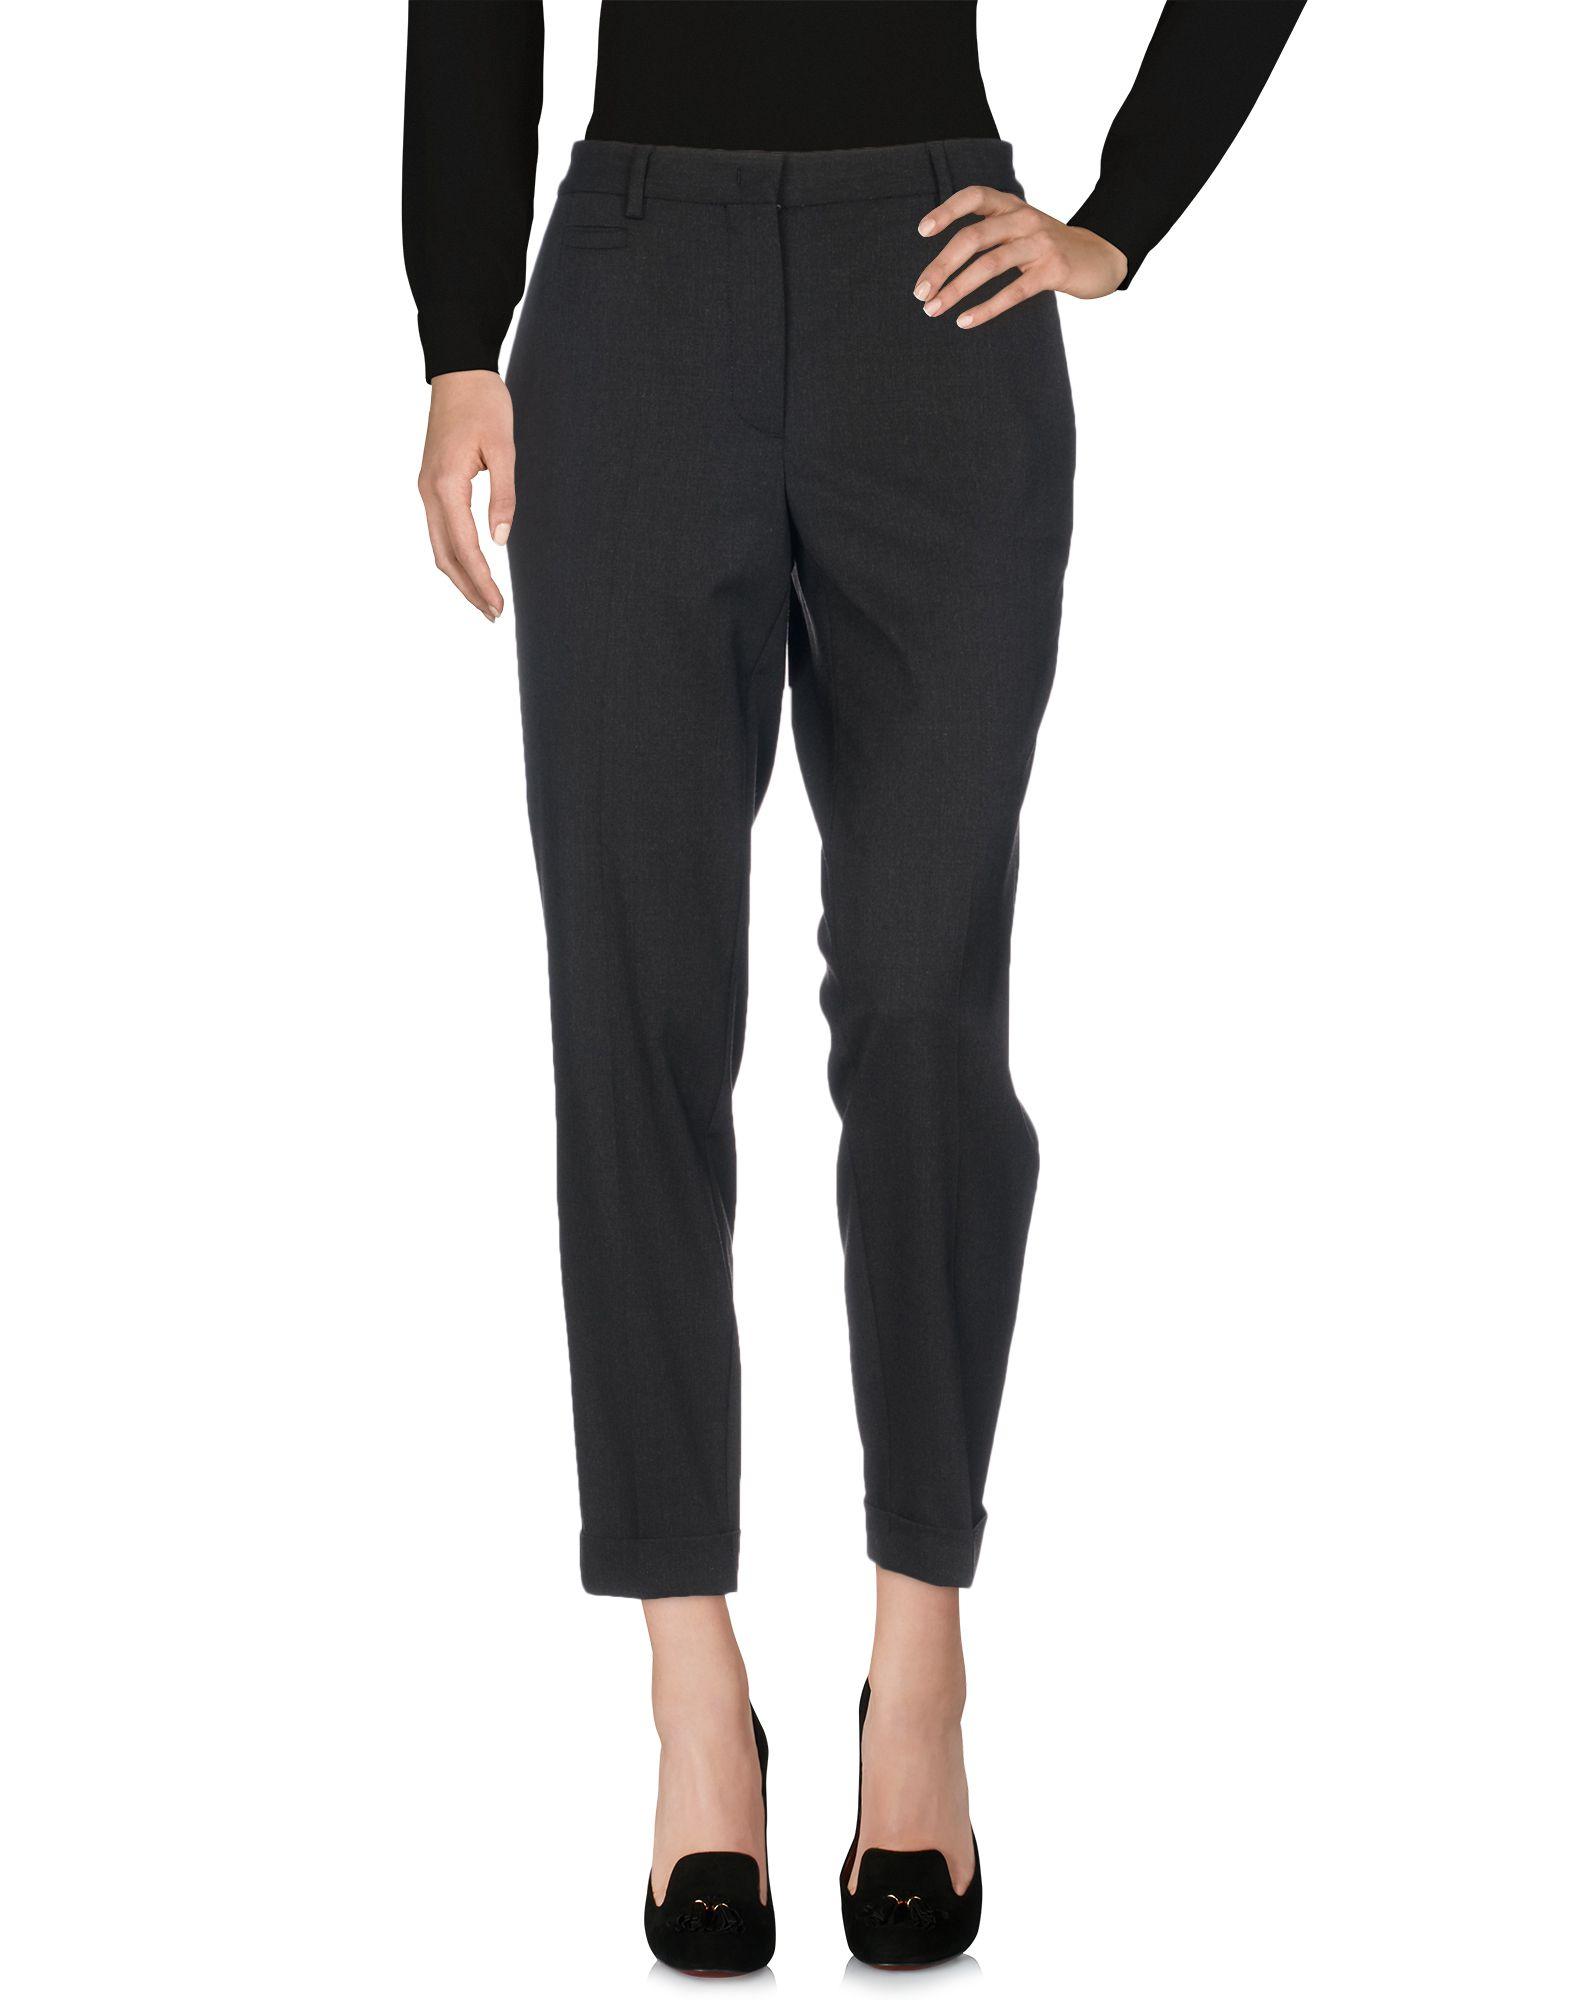 BRAG-WETTE Casual Pants in Steel Grey